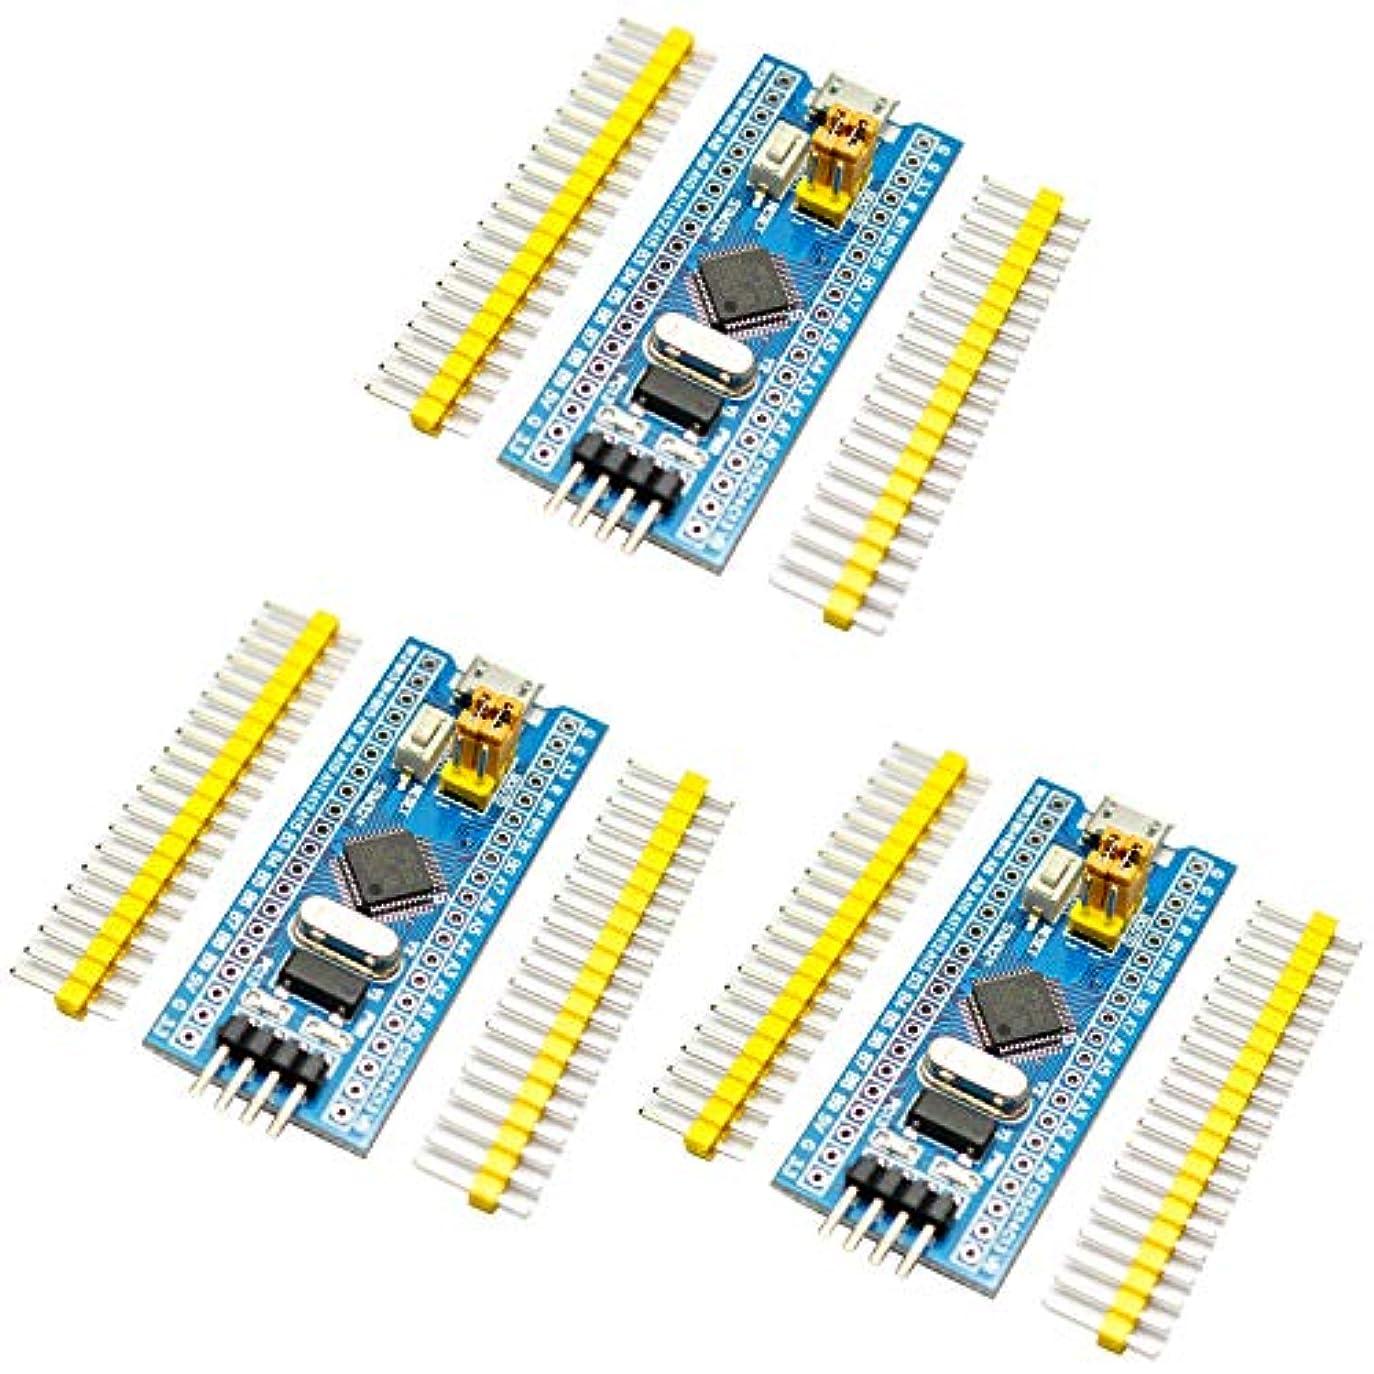 持っている息苦しい上げるRasbee 3個 STM32F103C8T6 最小 システム 開発ボードモジュール 国内配送 ARM STM32 Minimum Arduinoと互換 システム 開発 コア 学習ボード Smart 40ピン DIY STM32F103 Miniシステムボード